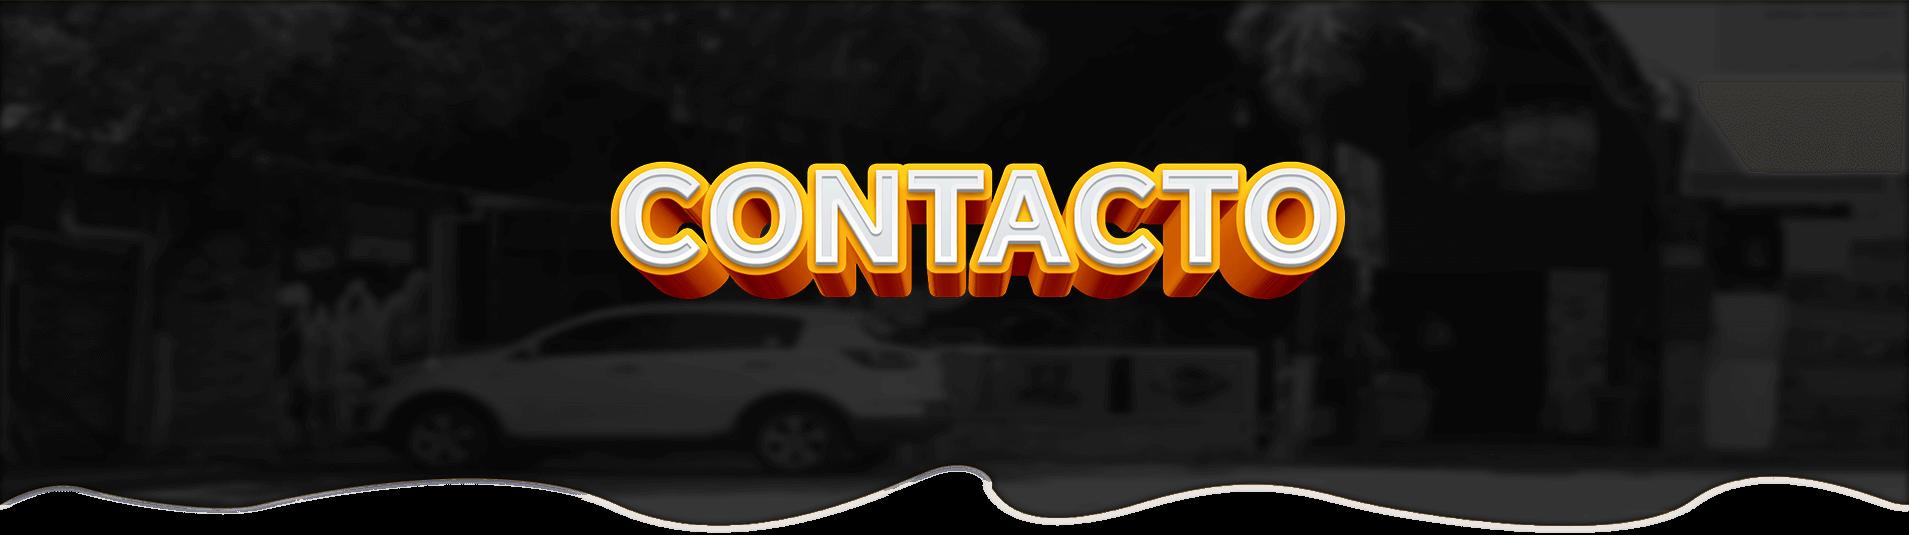 Contacto en Las Vegas Club - Diversión para toda la familia